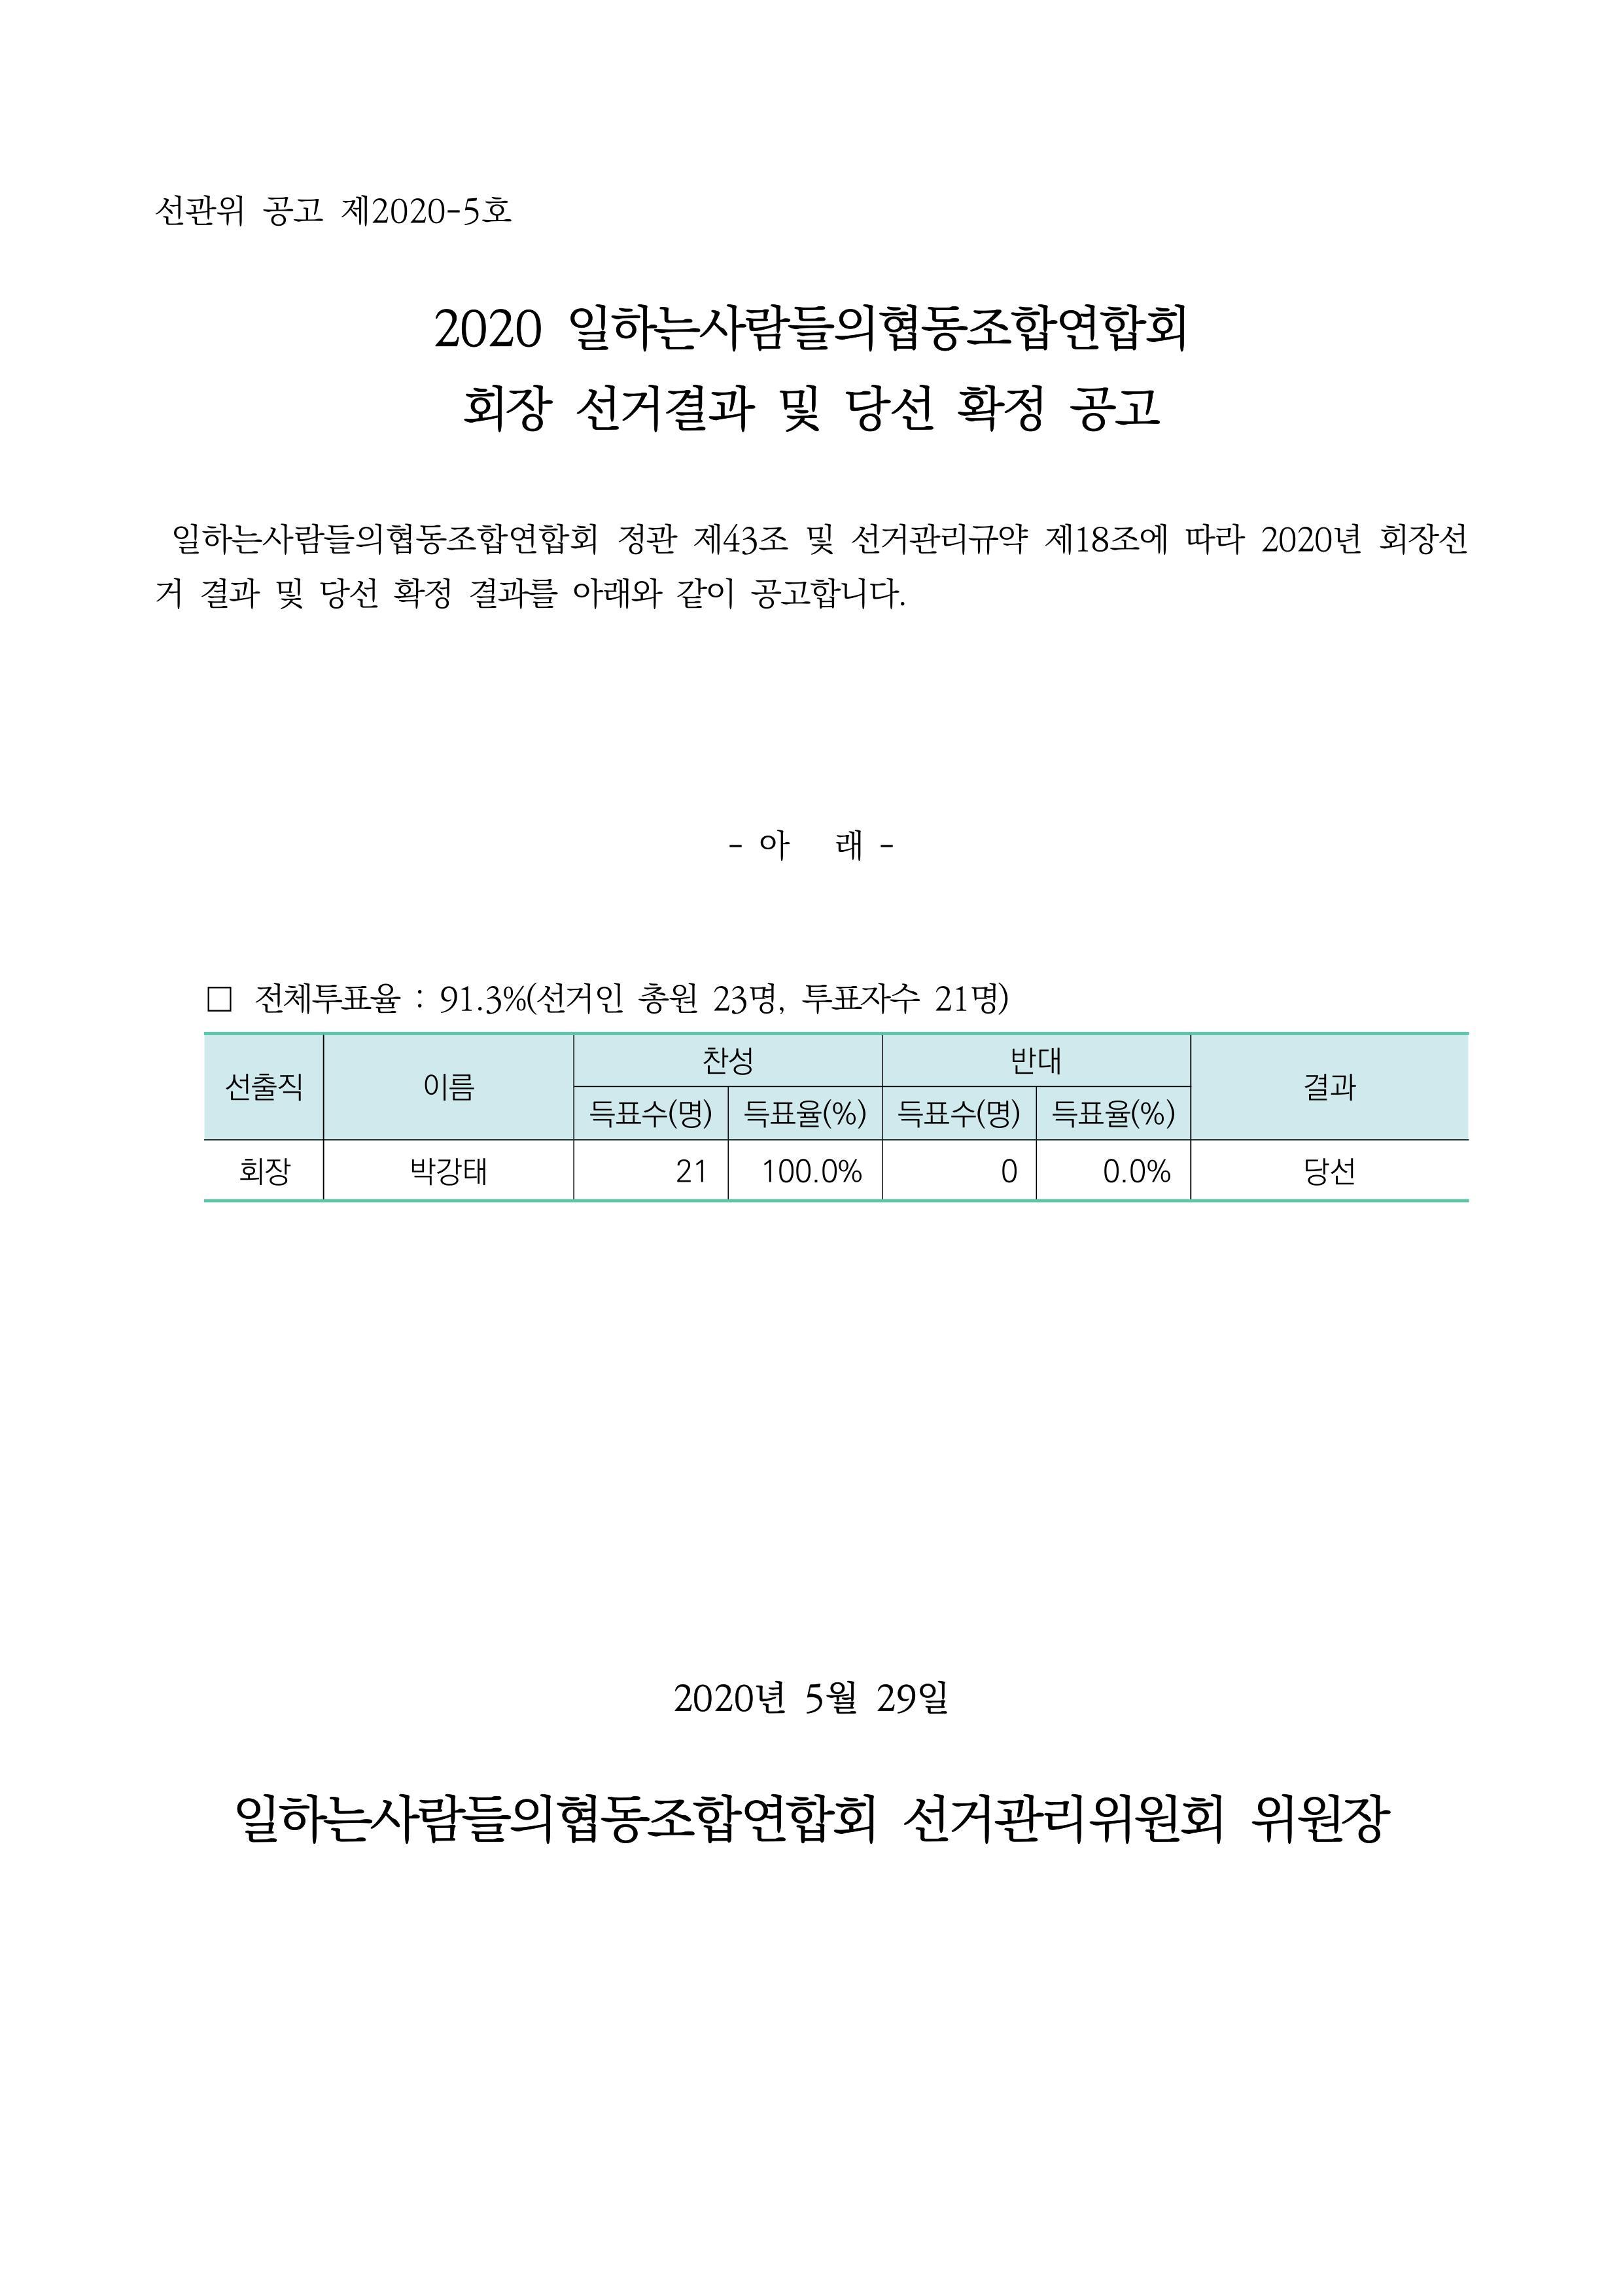 2020.05.29 회장선거결과 공고문.jpg